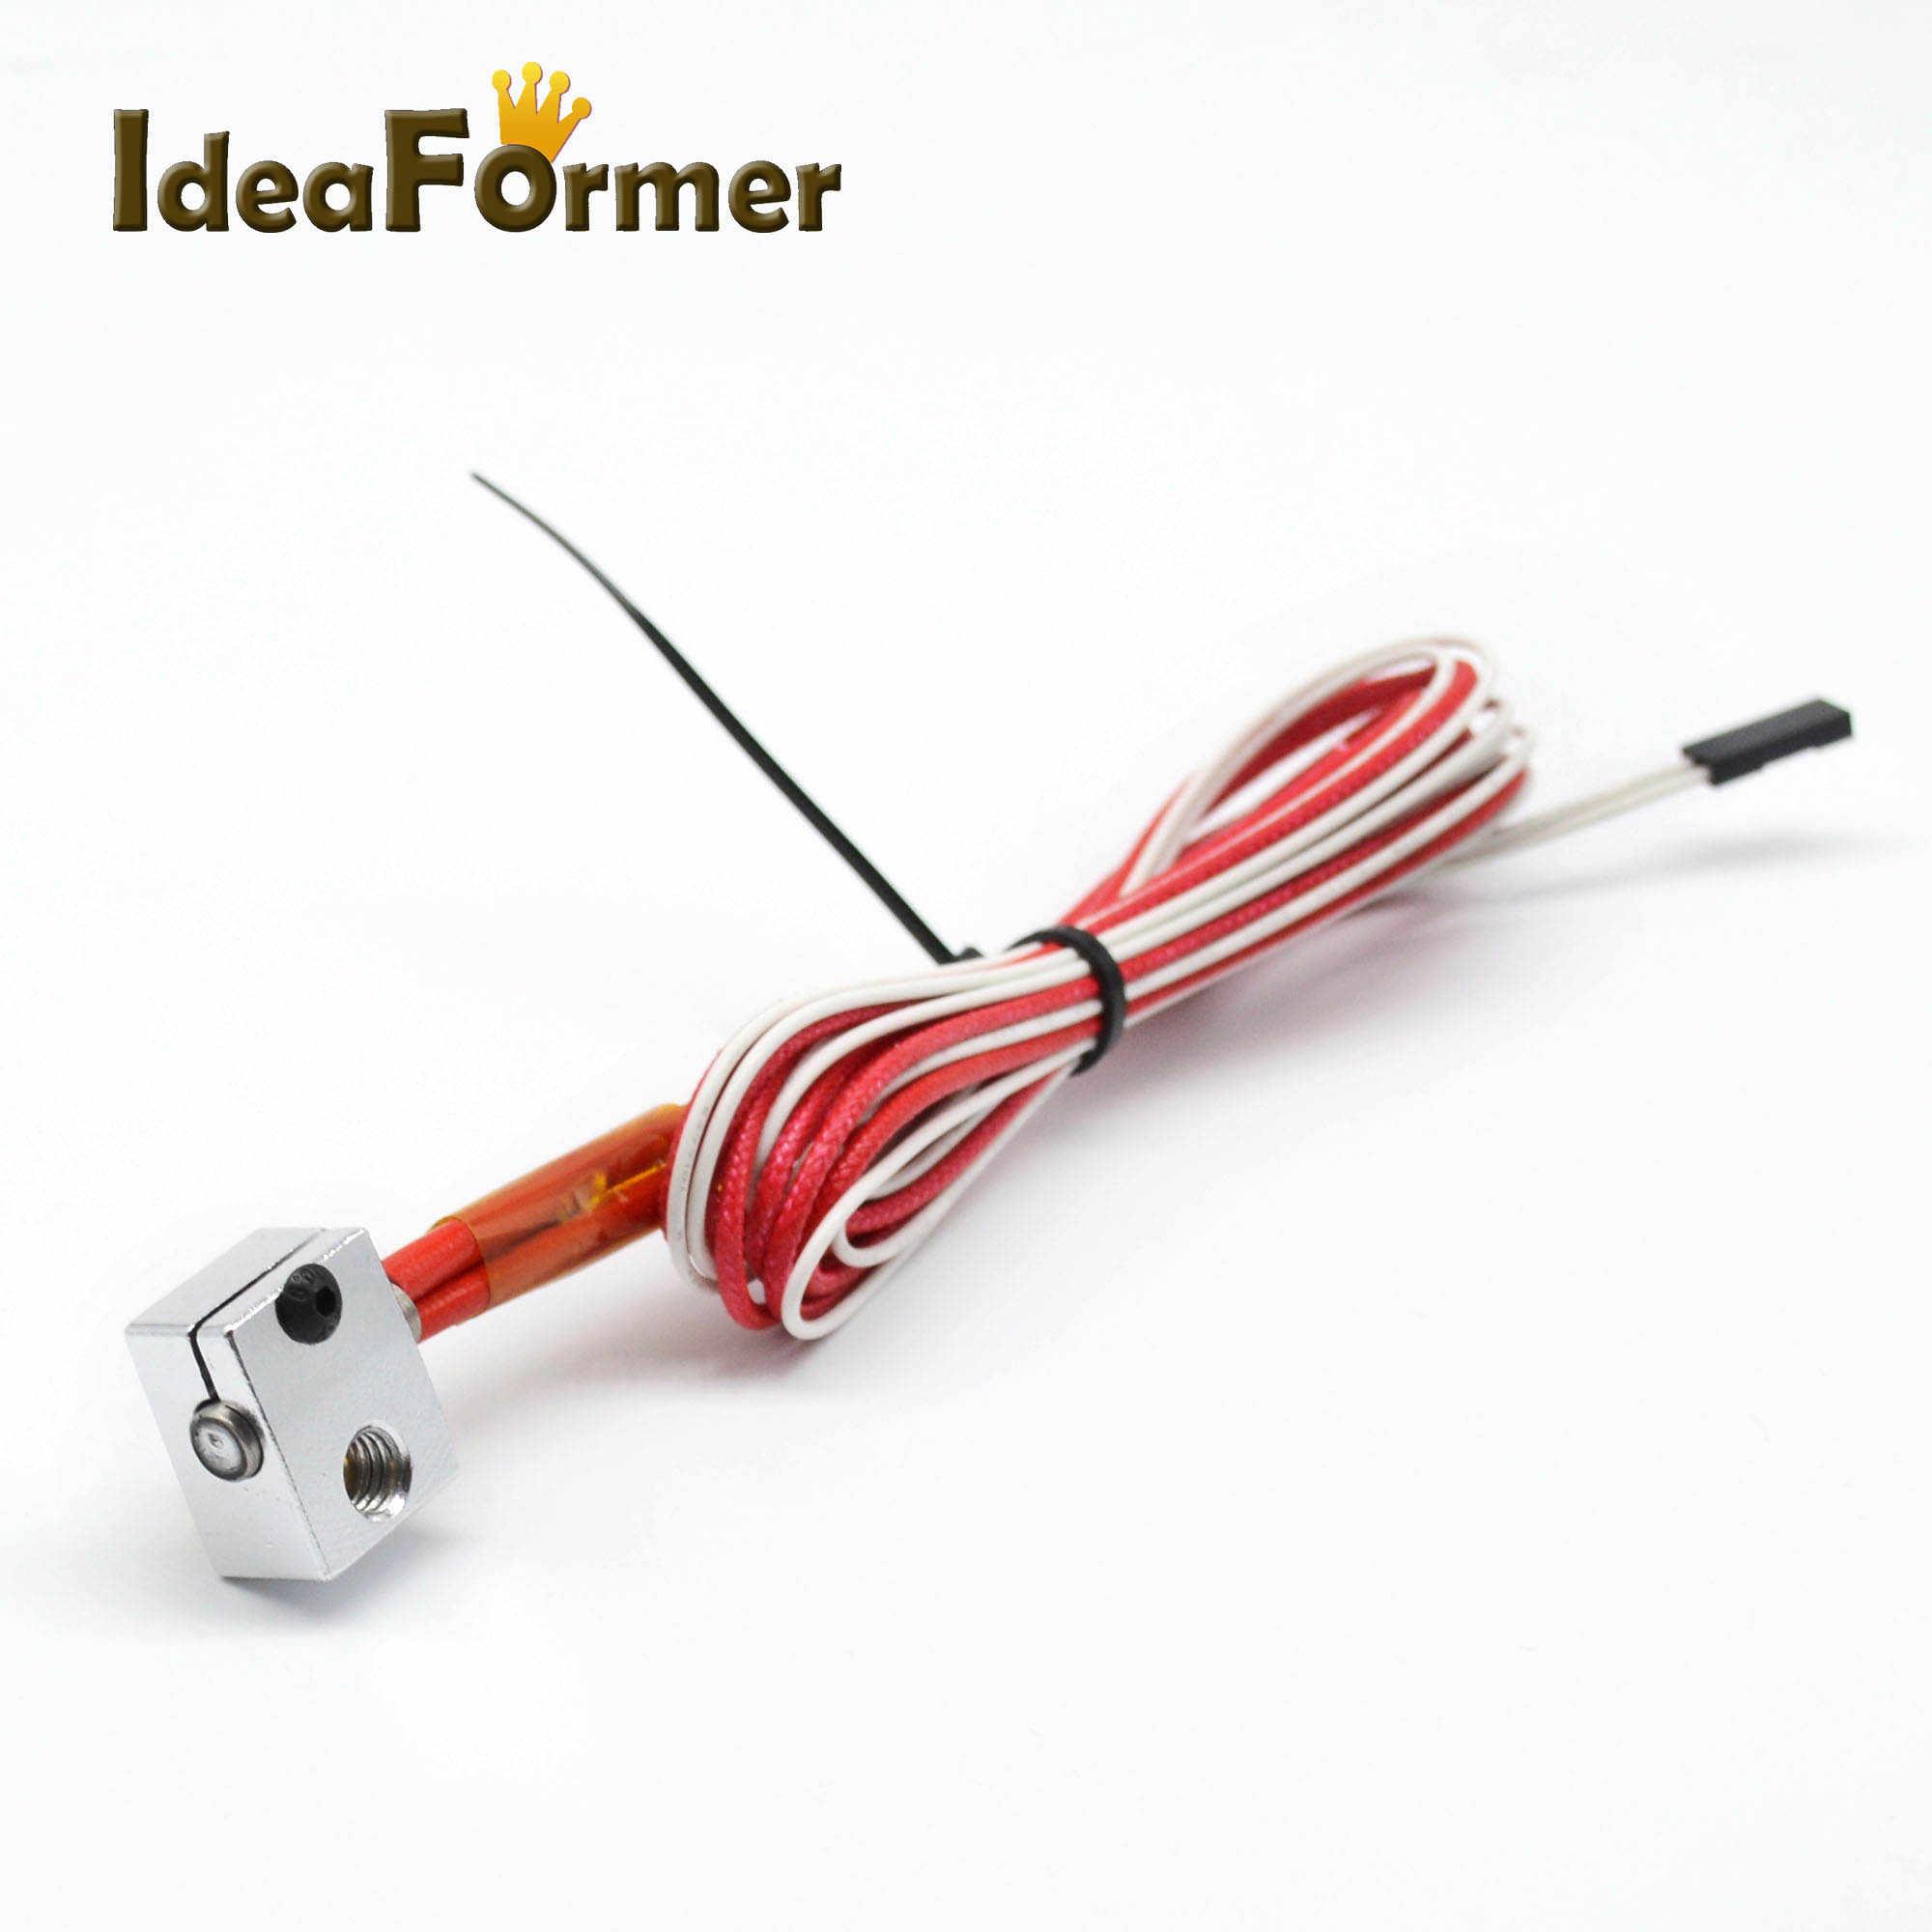 3D V6 Bloco De Aquecimento De Alumínio + Termistor de impressora com 2 pin + Aquecedor de Cerâmica 12 V 40 W para V6 j-cabeça Hotend